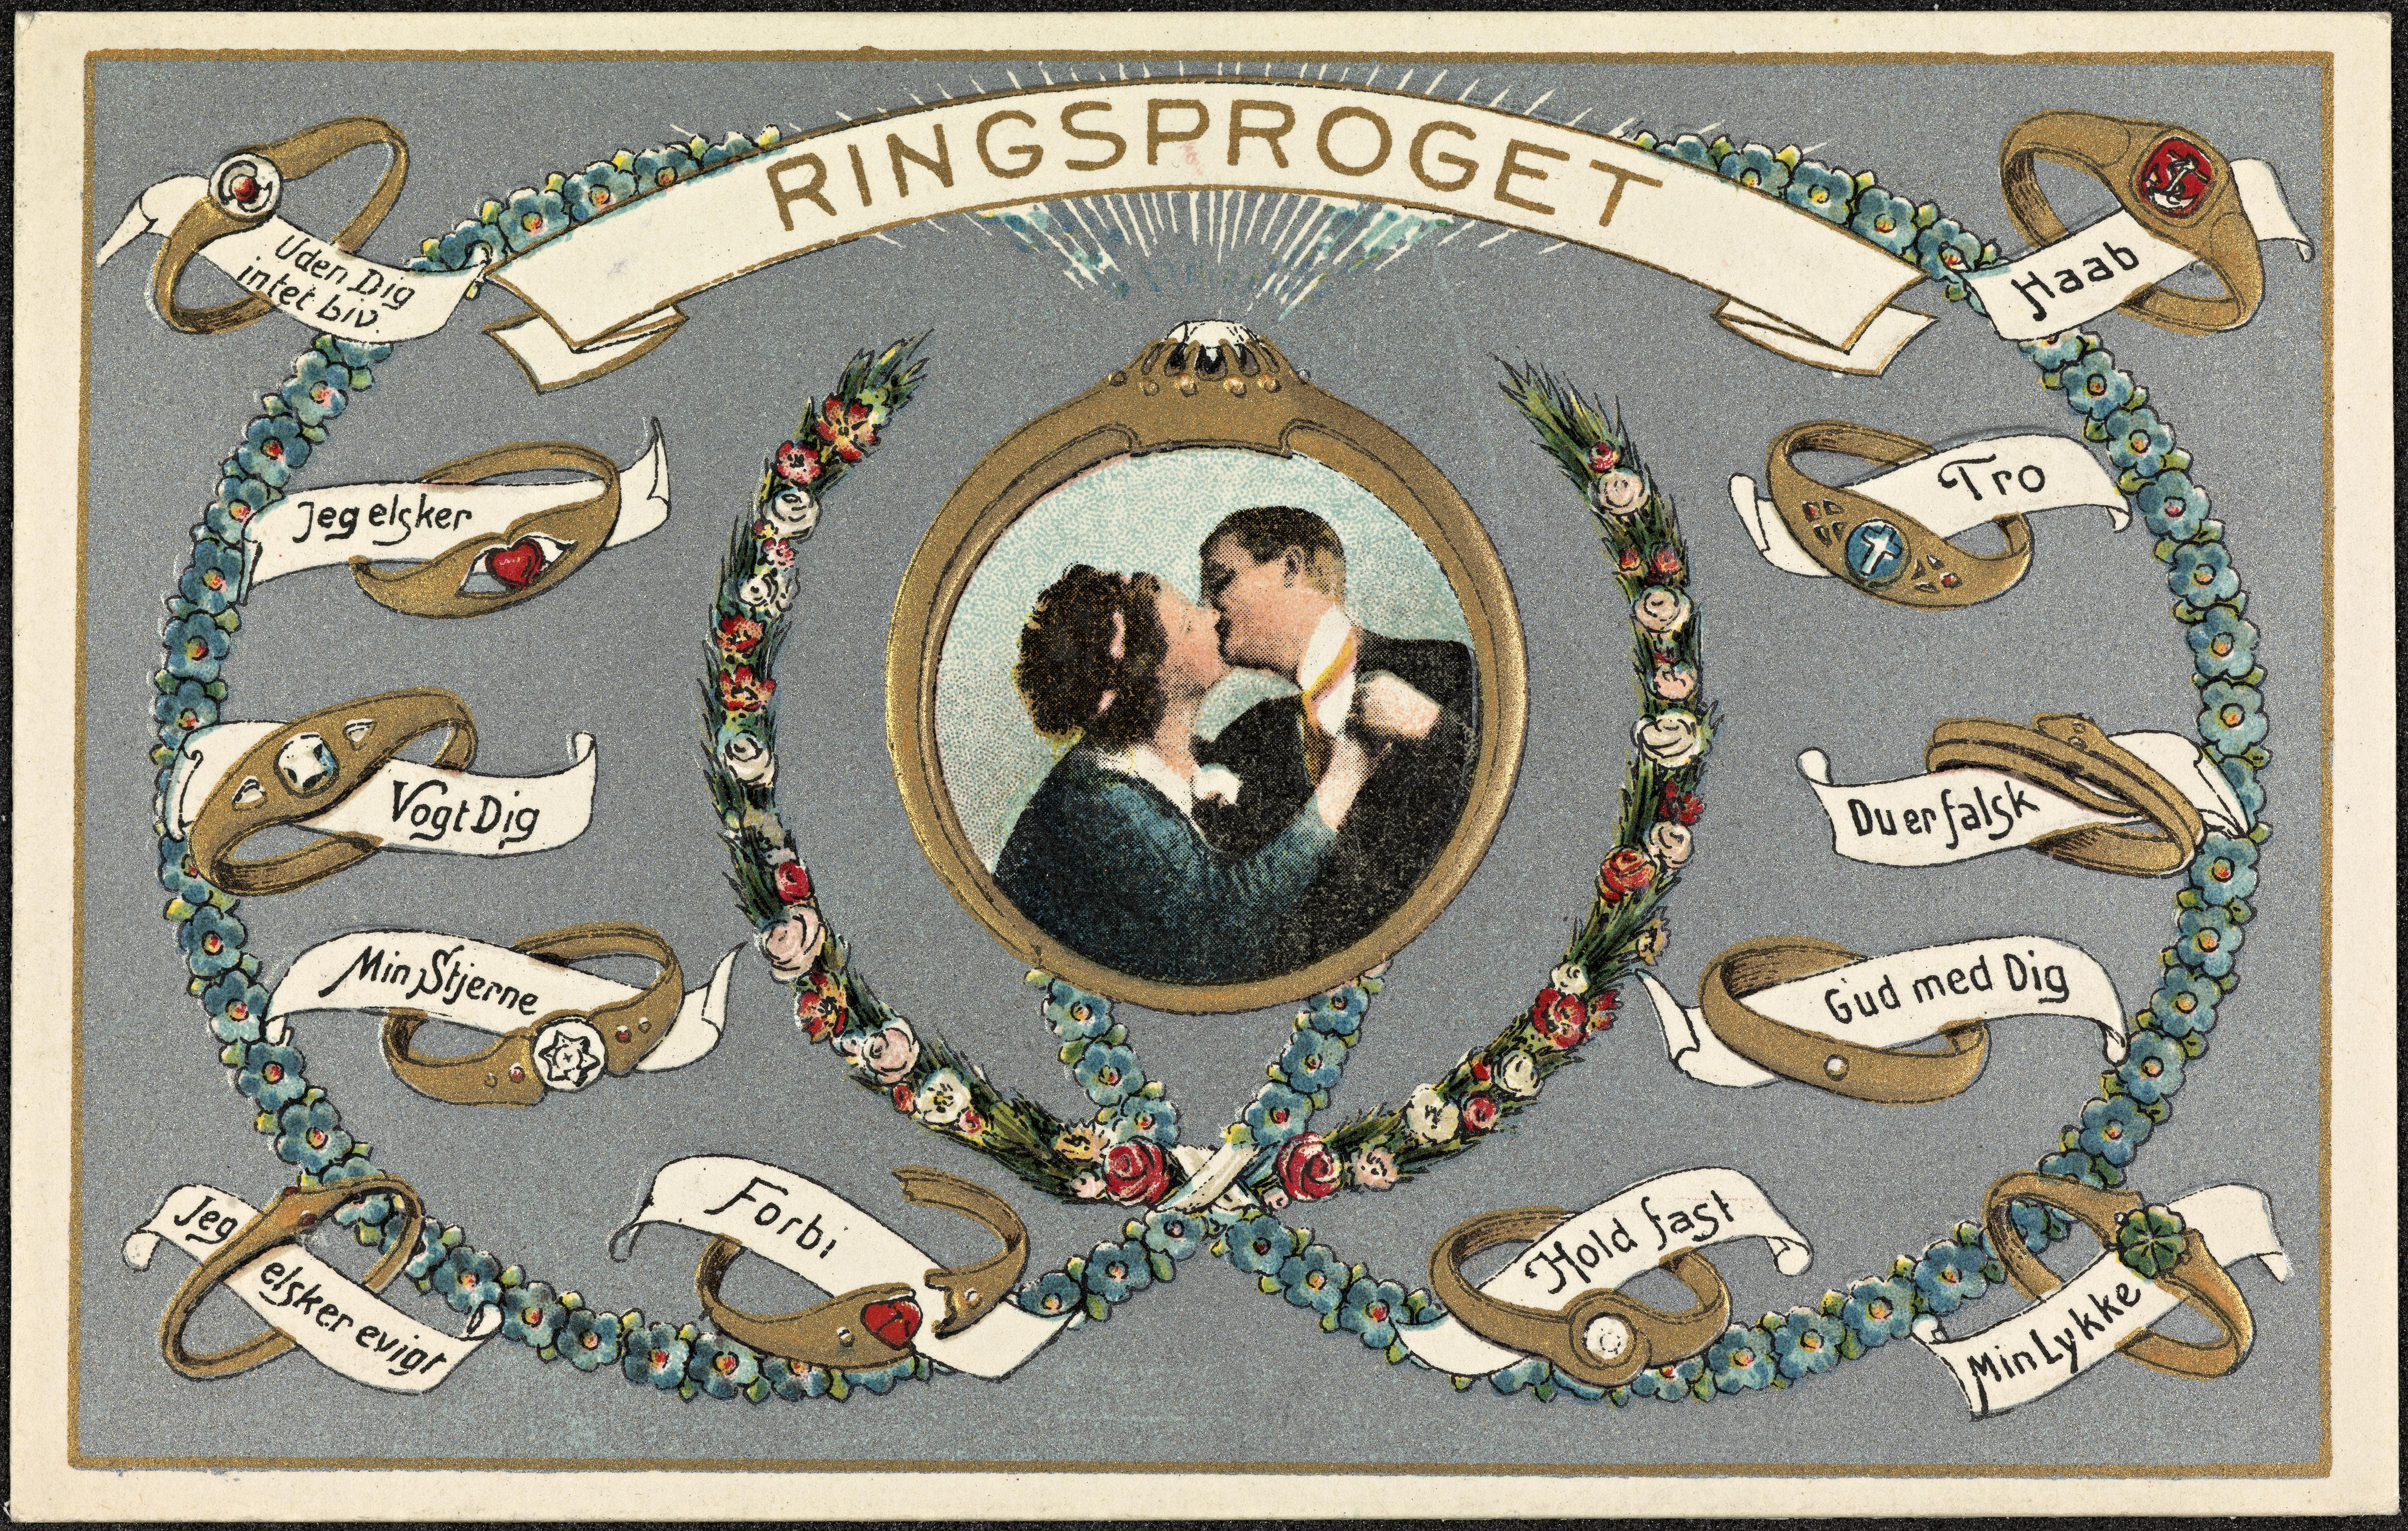 Nasjonalbiblioteket har også delt dette søte postkortet fra samme serie, og anslår at det er fra ca. 1920.